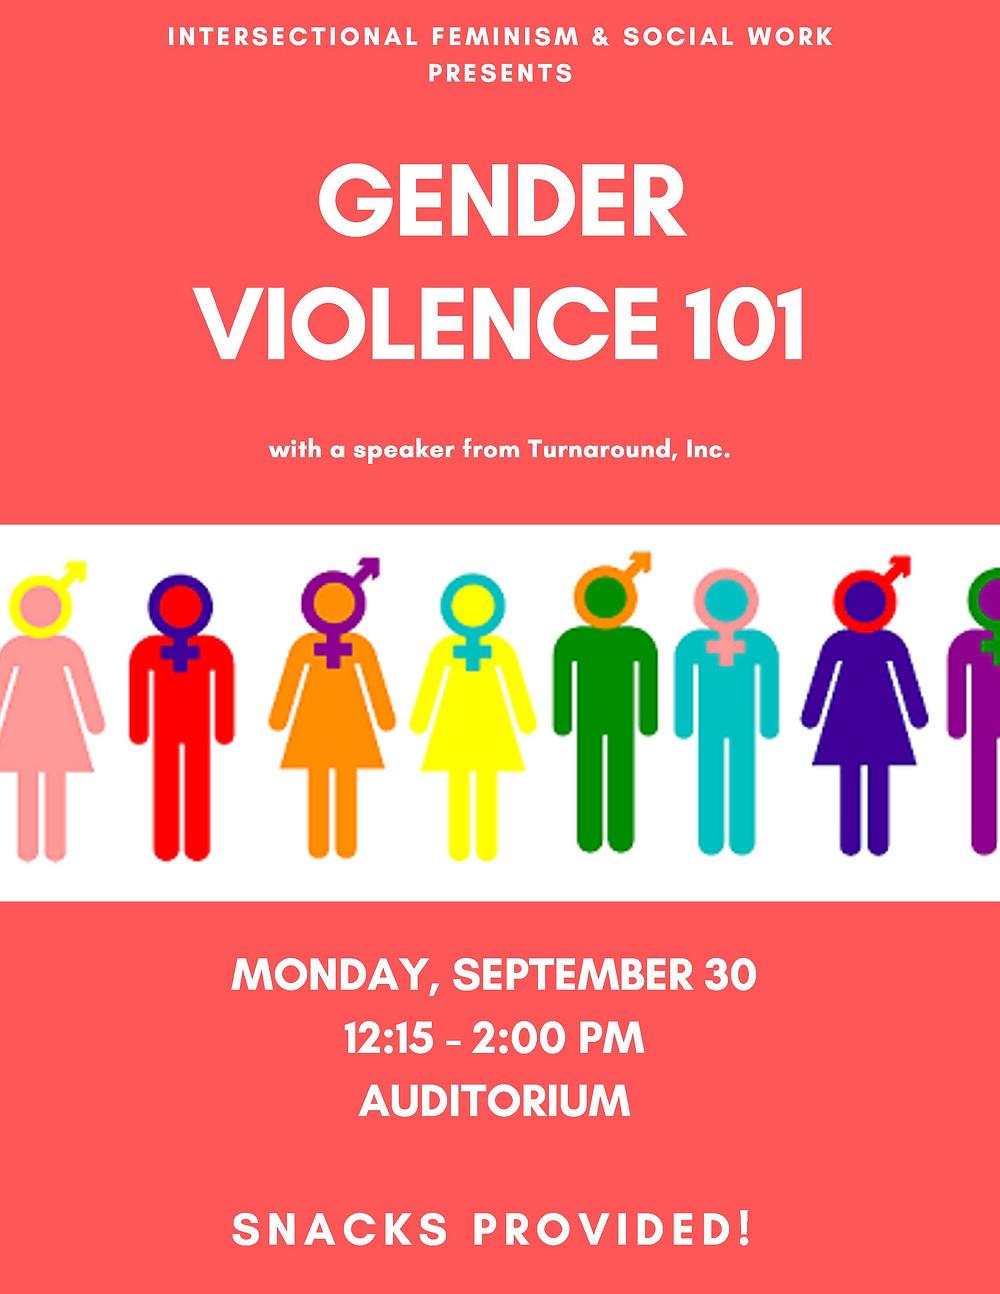 gender violence poster 101